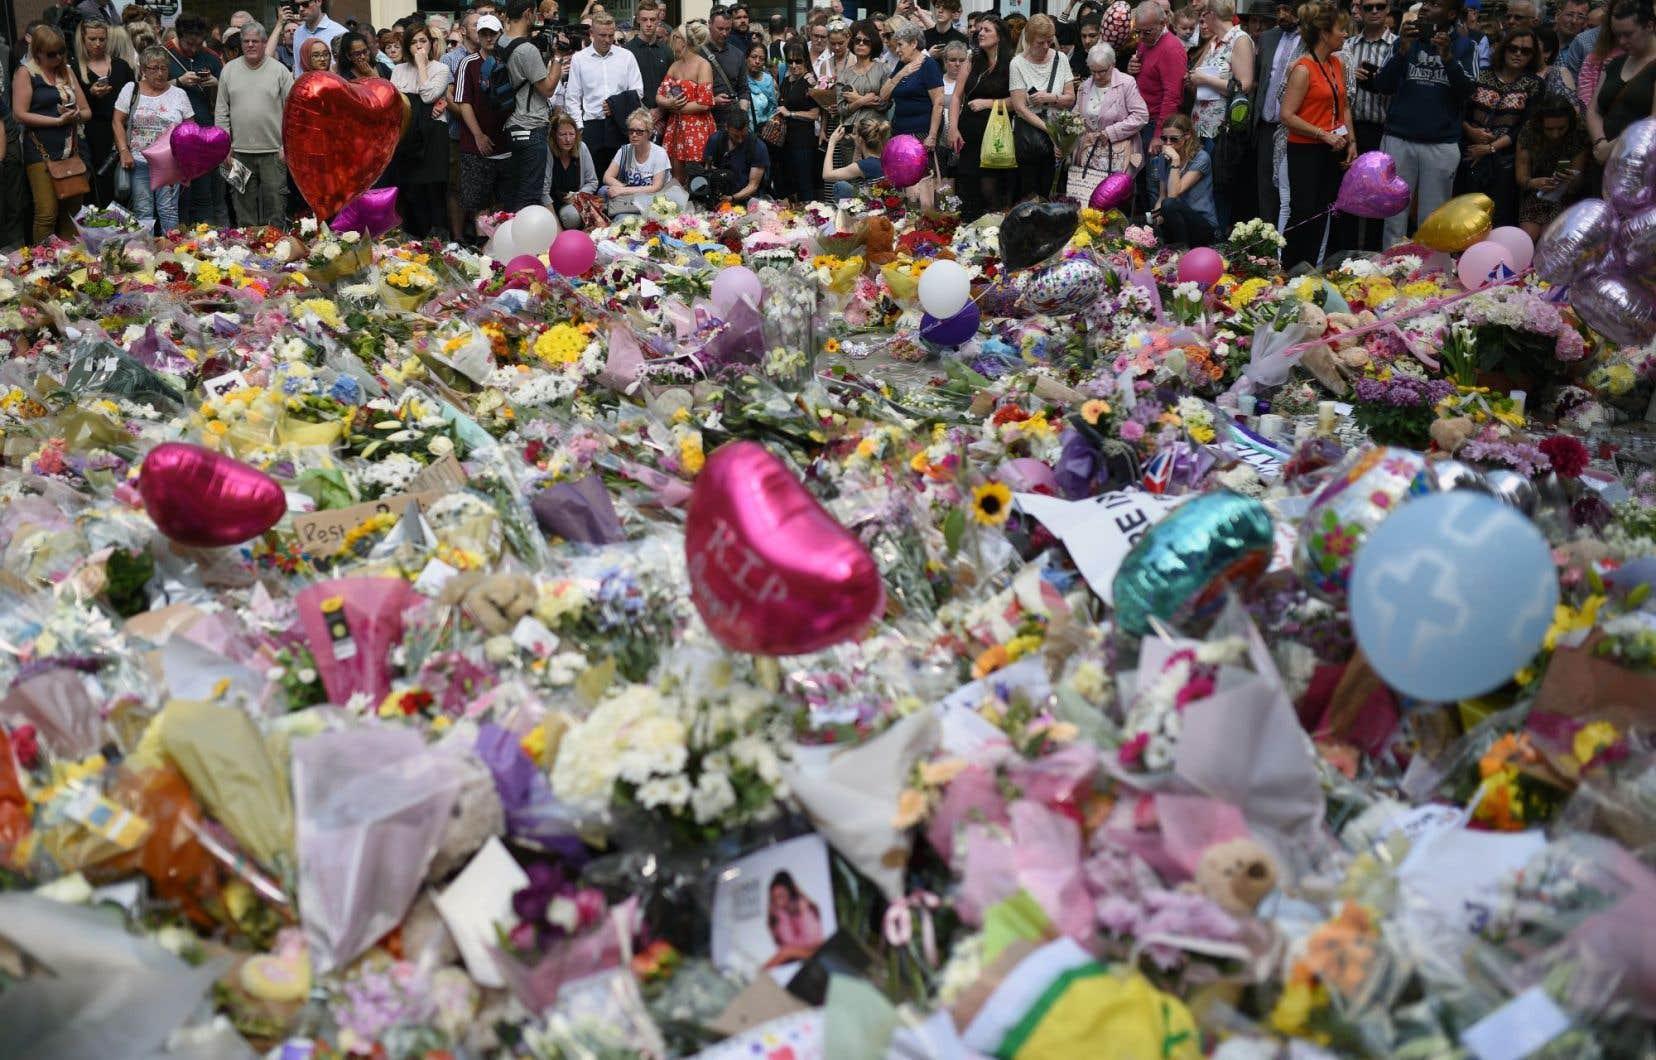 Loin d'être un effet du hasard, il y a un déterminisme terroriste dans le fait que, le plus souvent, les victimes des actes terroristes sont des gens ordinaires, souvent même des parents avec leurs enfants.